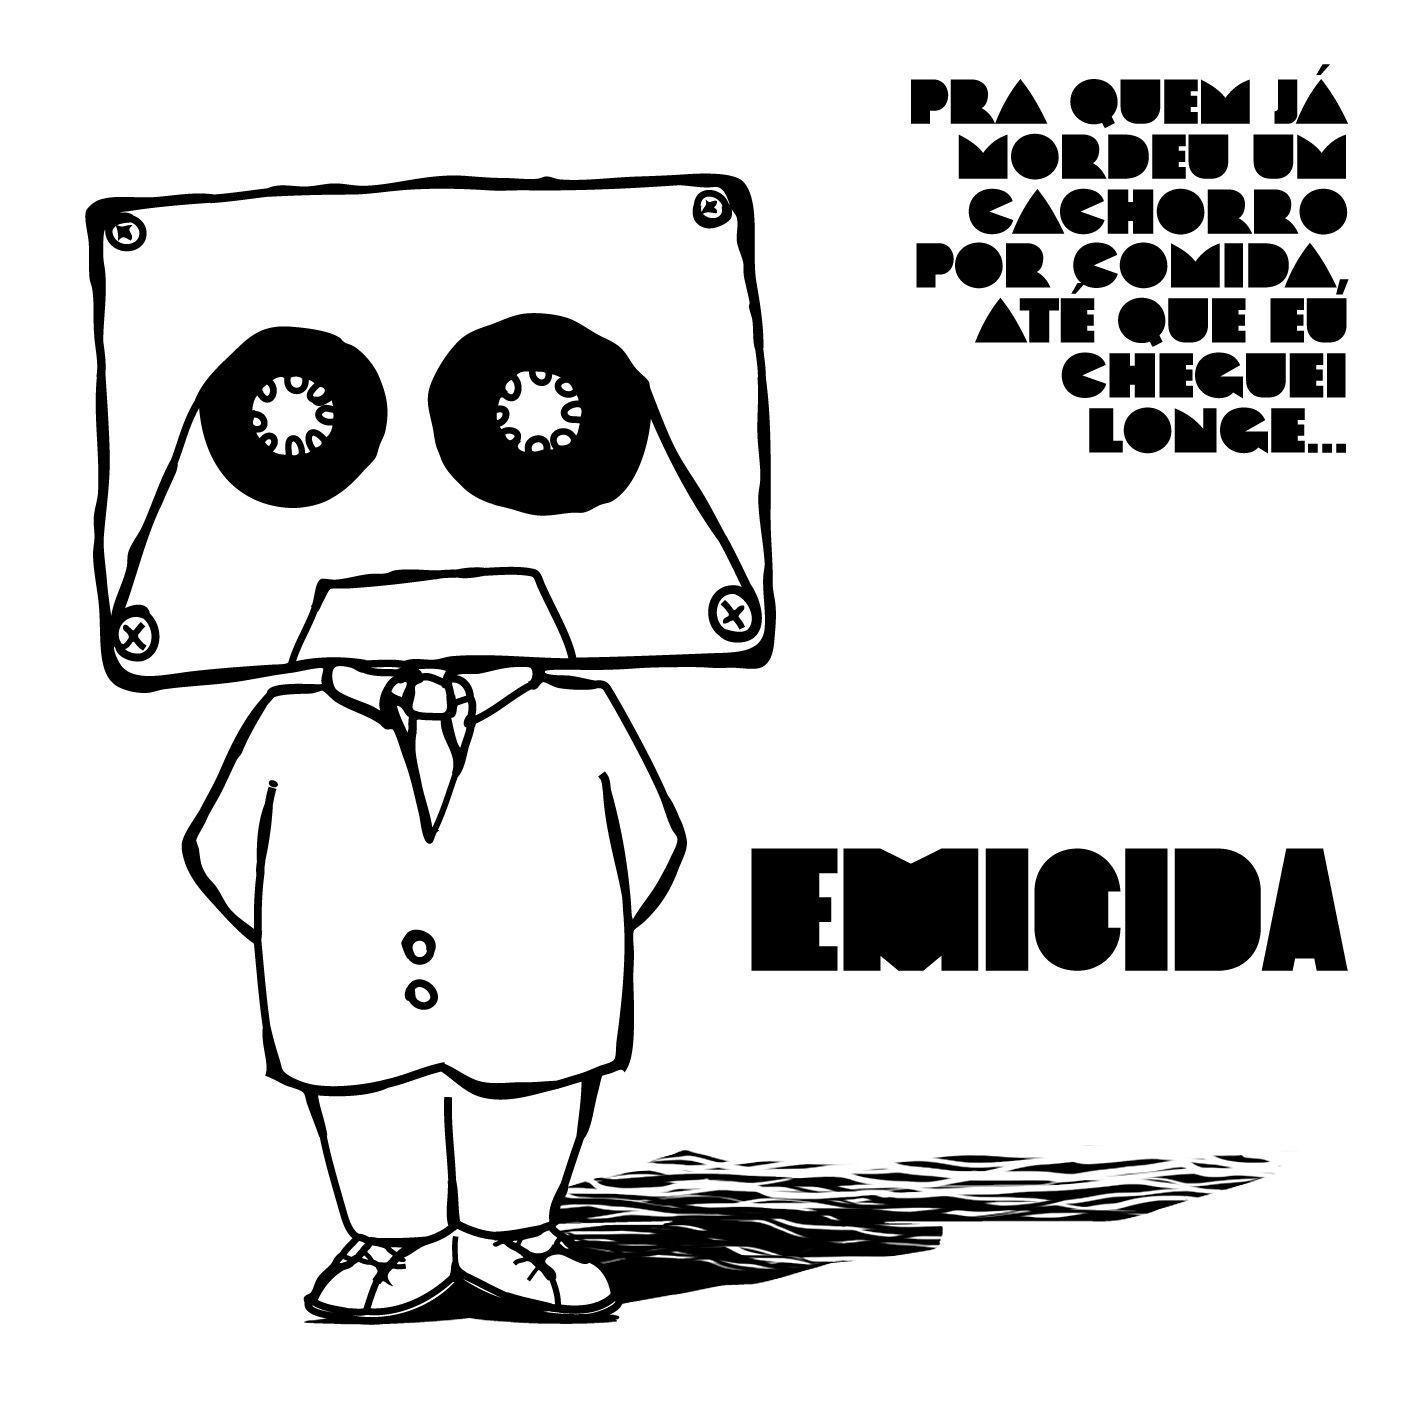 CD Emicida - Pra quem já mordeu um cachorro por comida, até que eu cheguei longe...